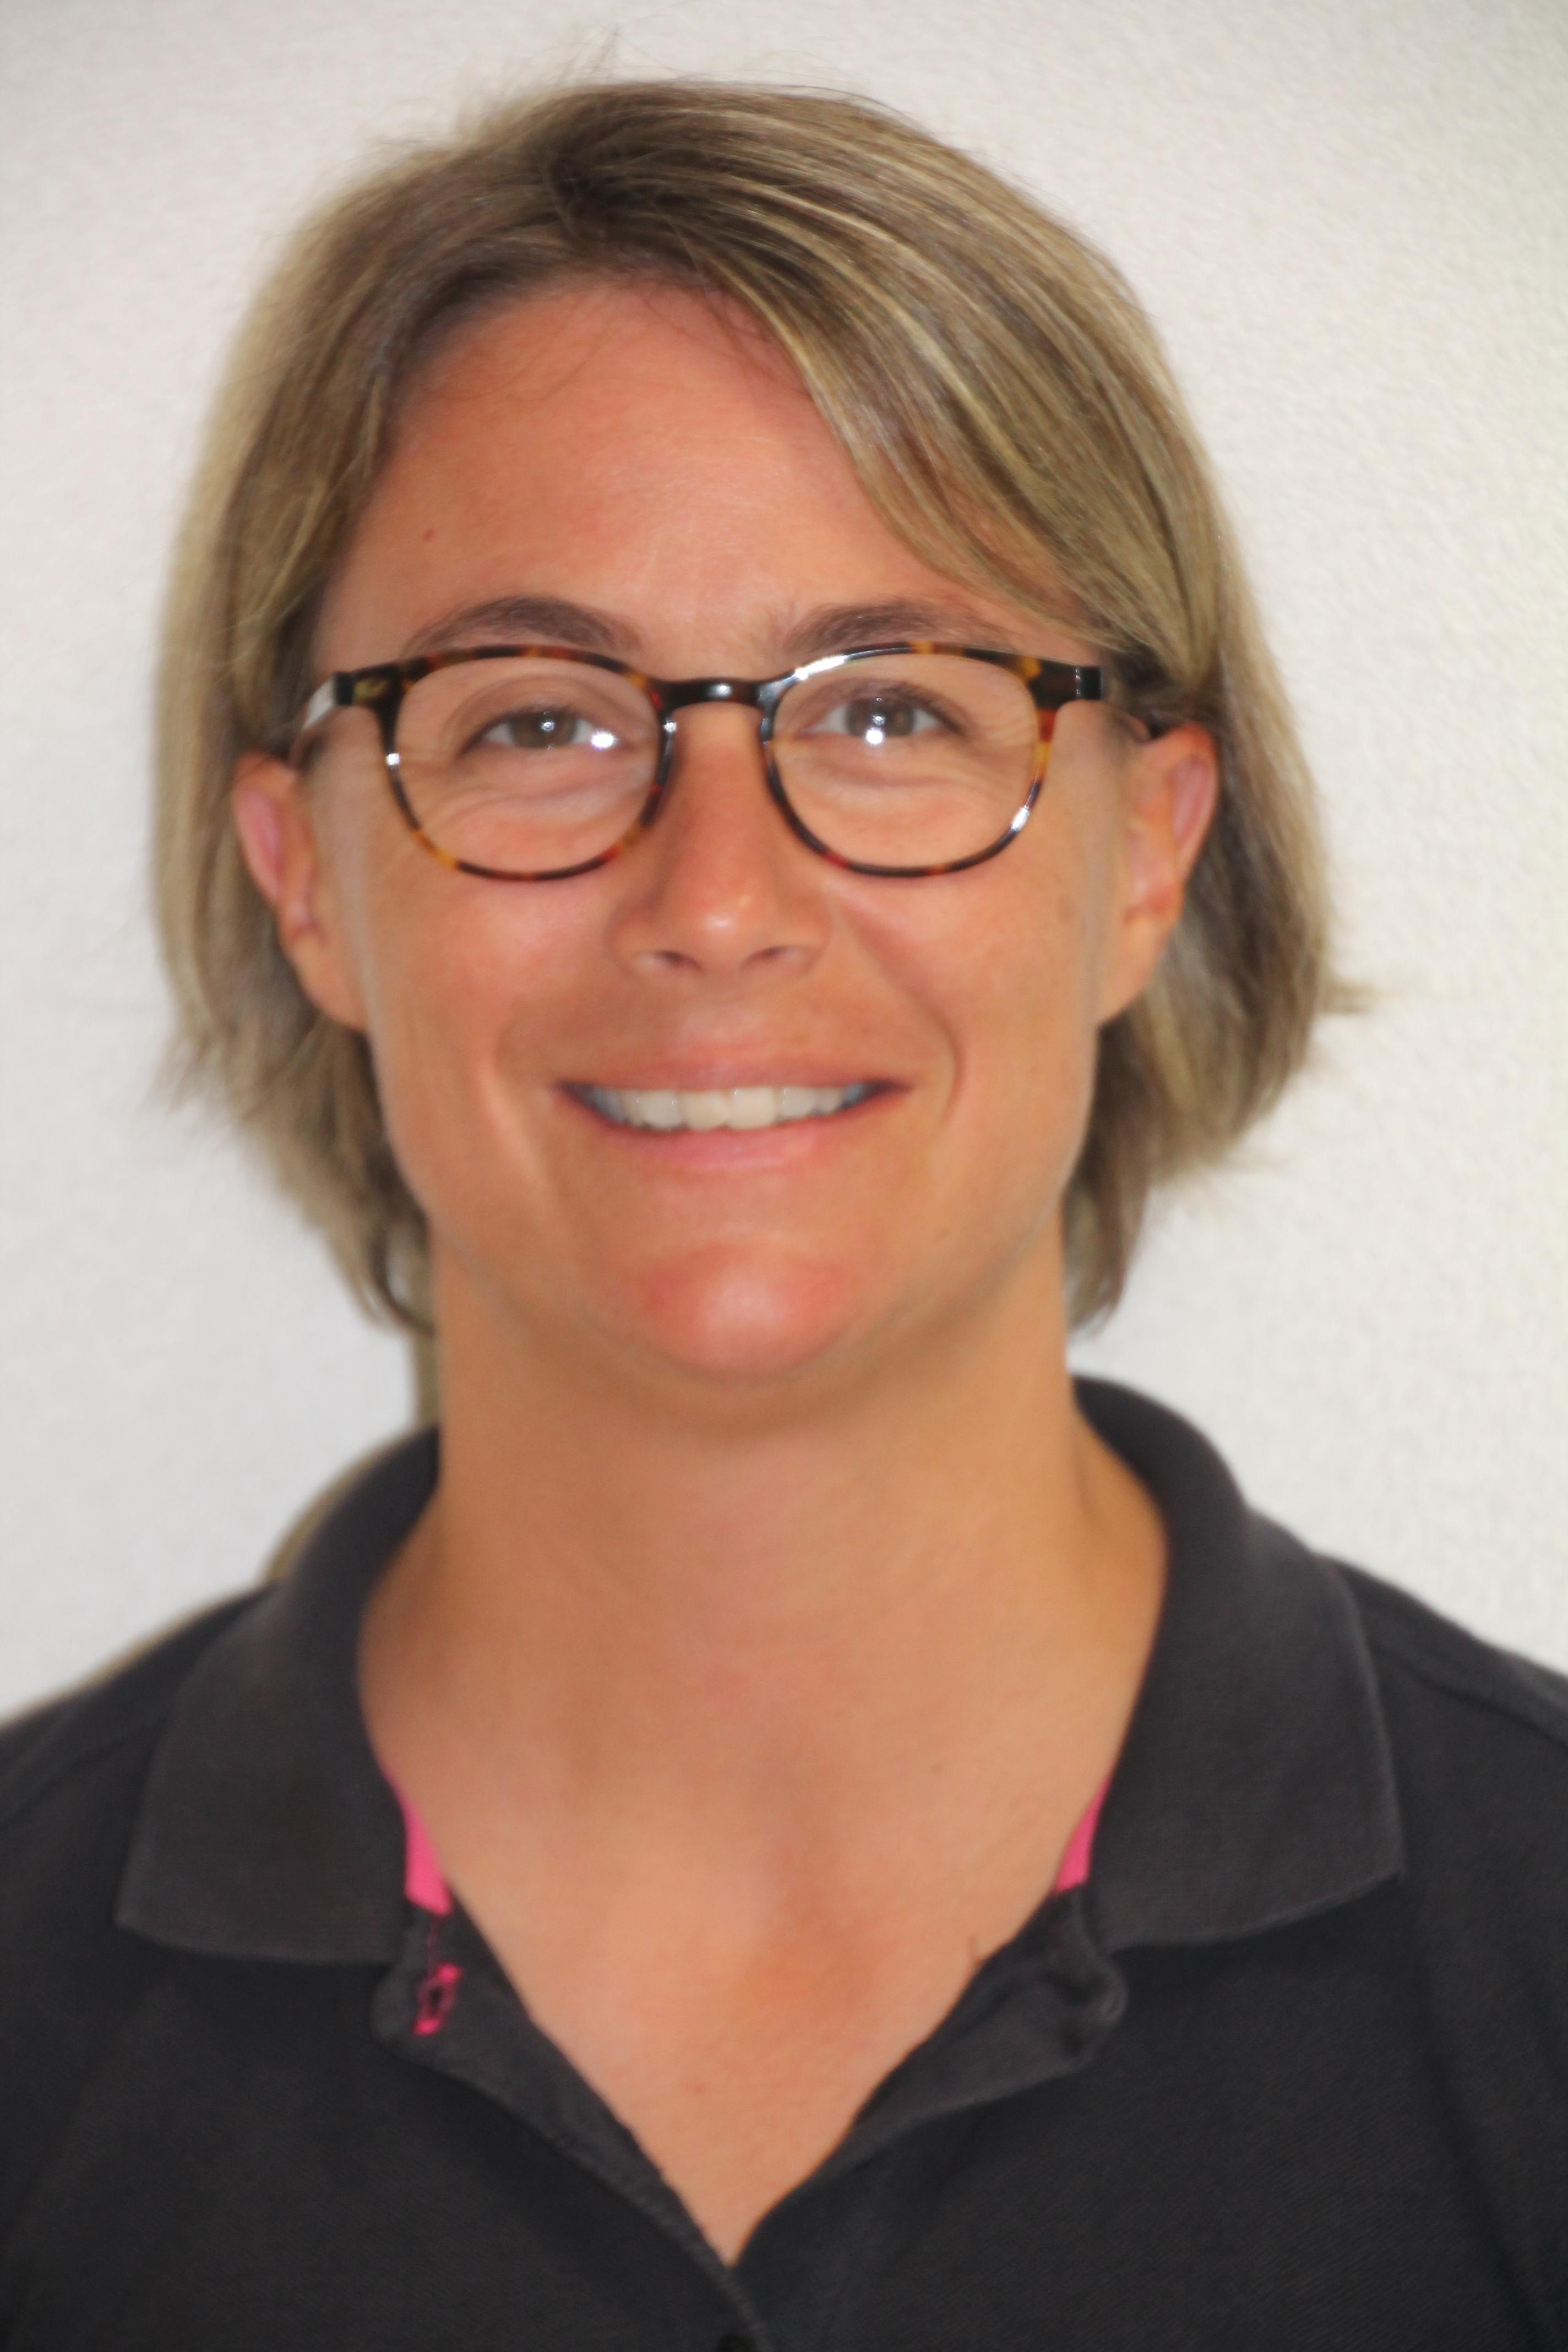 Stephanie Caujolle